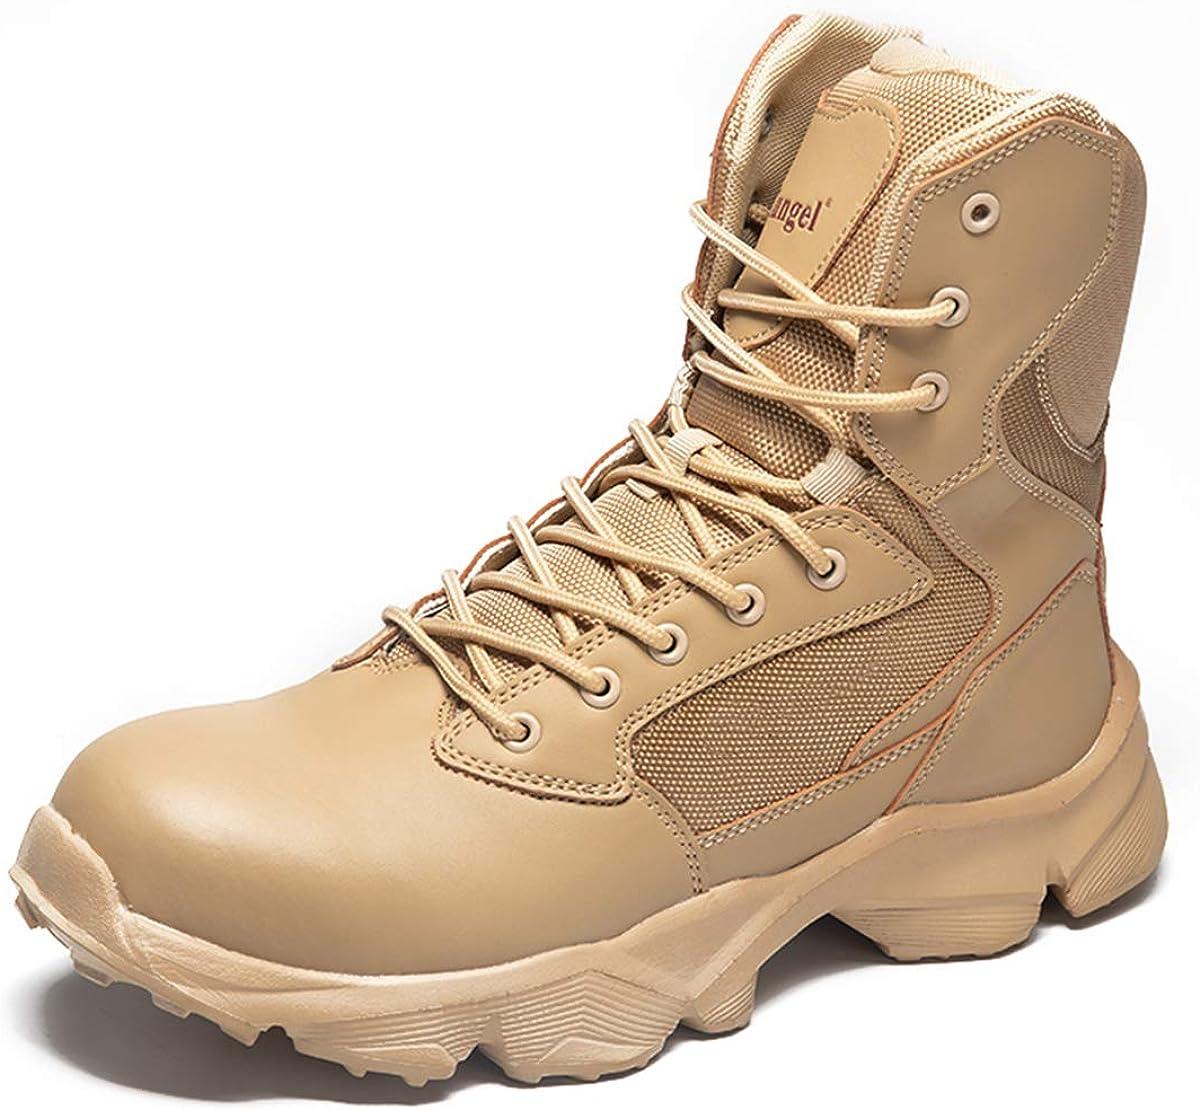 Botas Militares para Hombres con Puntera de Acero anticolisi/ón Botas de Combate Resistentes al Desgaste Botas t/ácticas antipinchazos